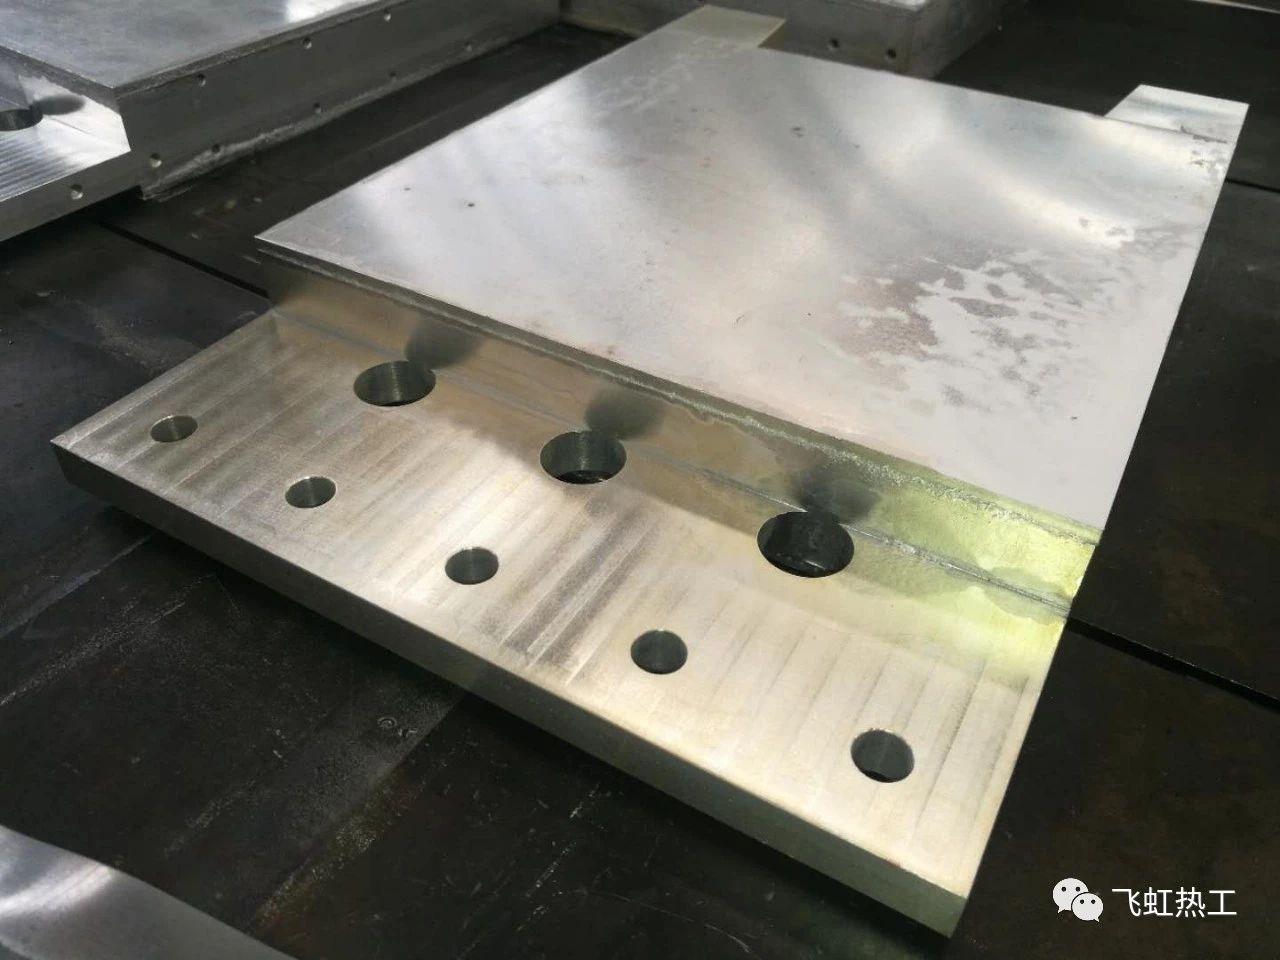 真空钎焊技术的应用